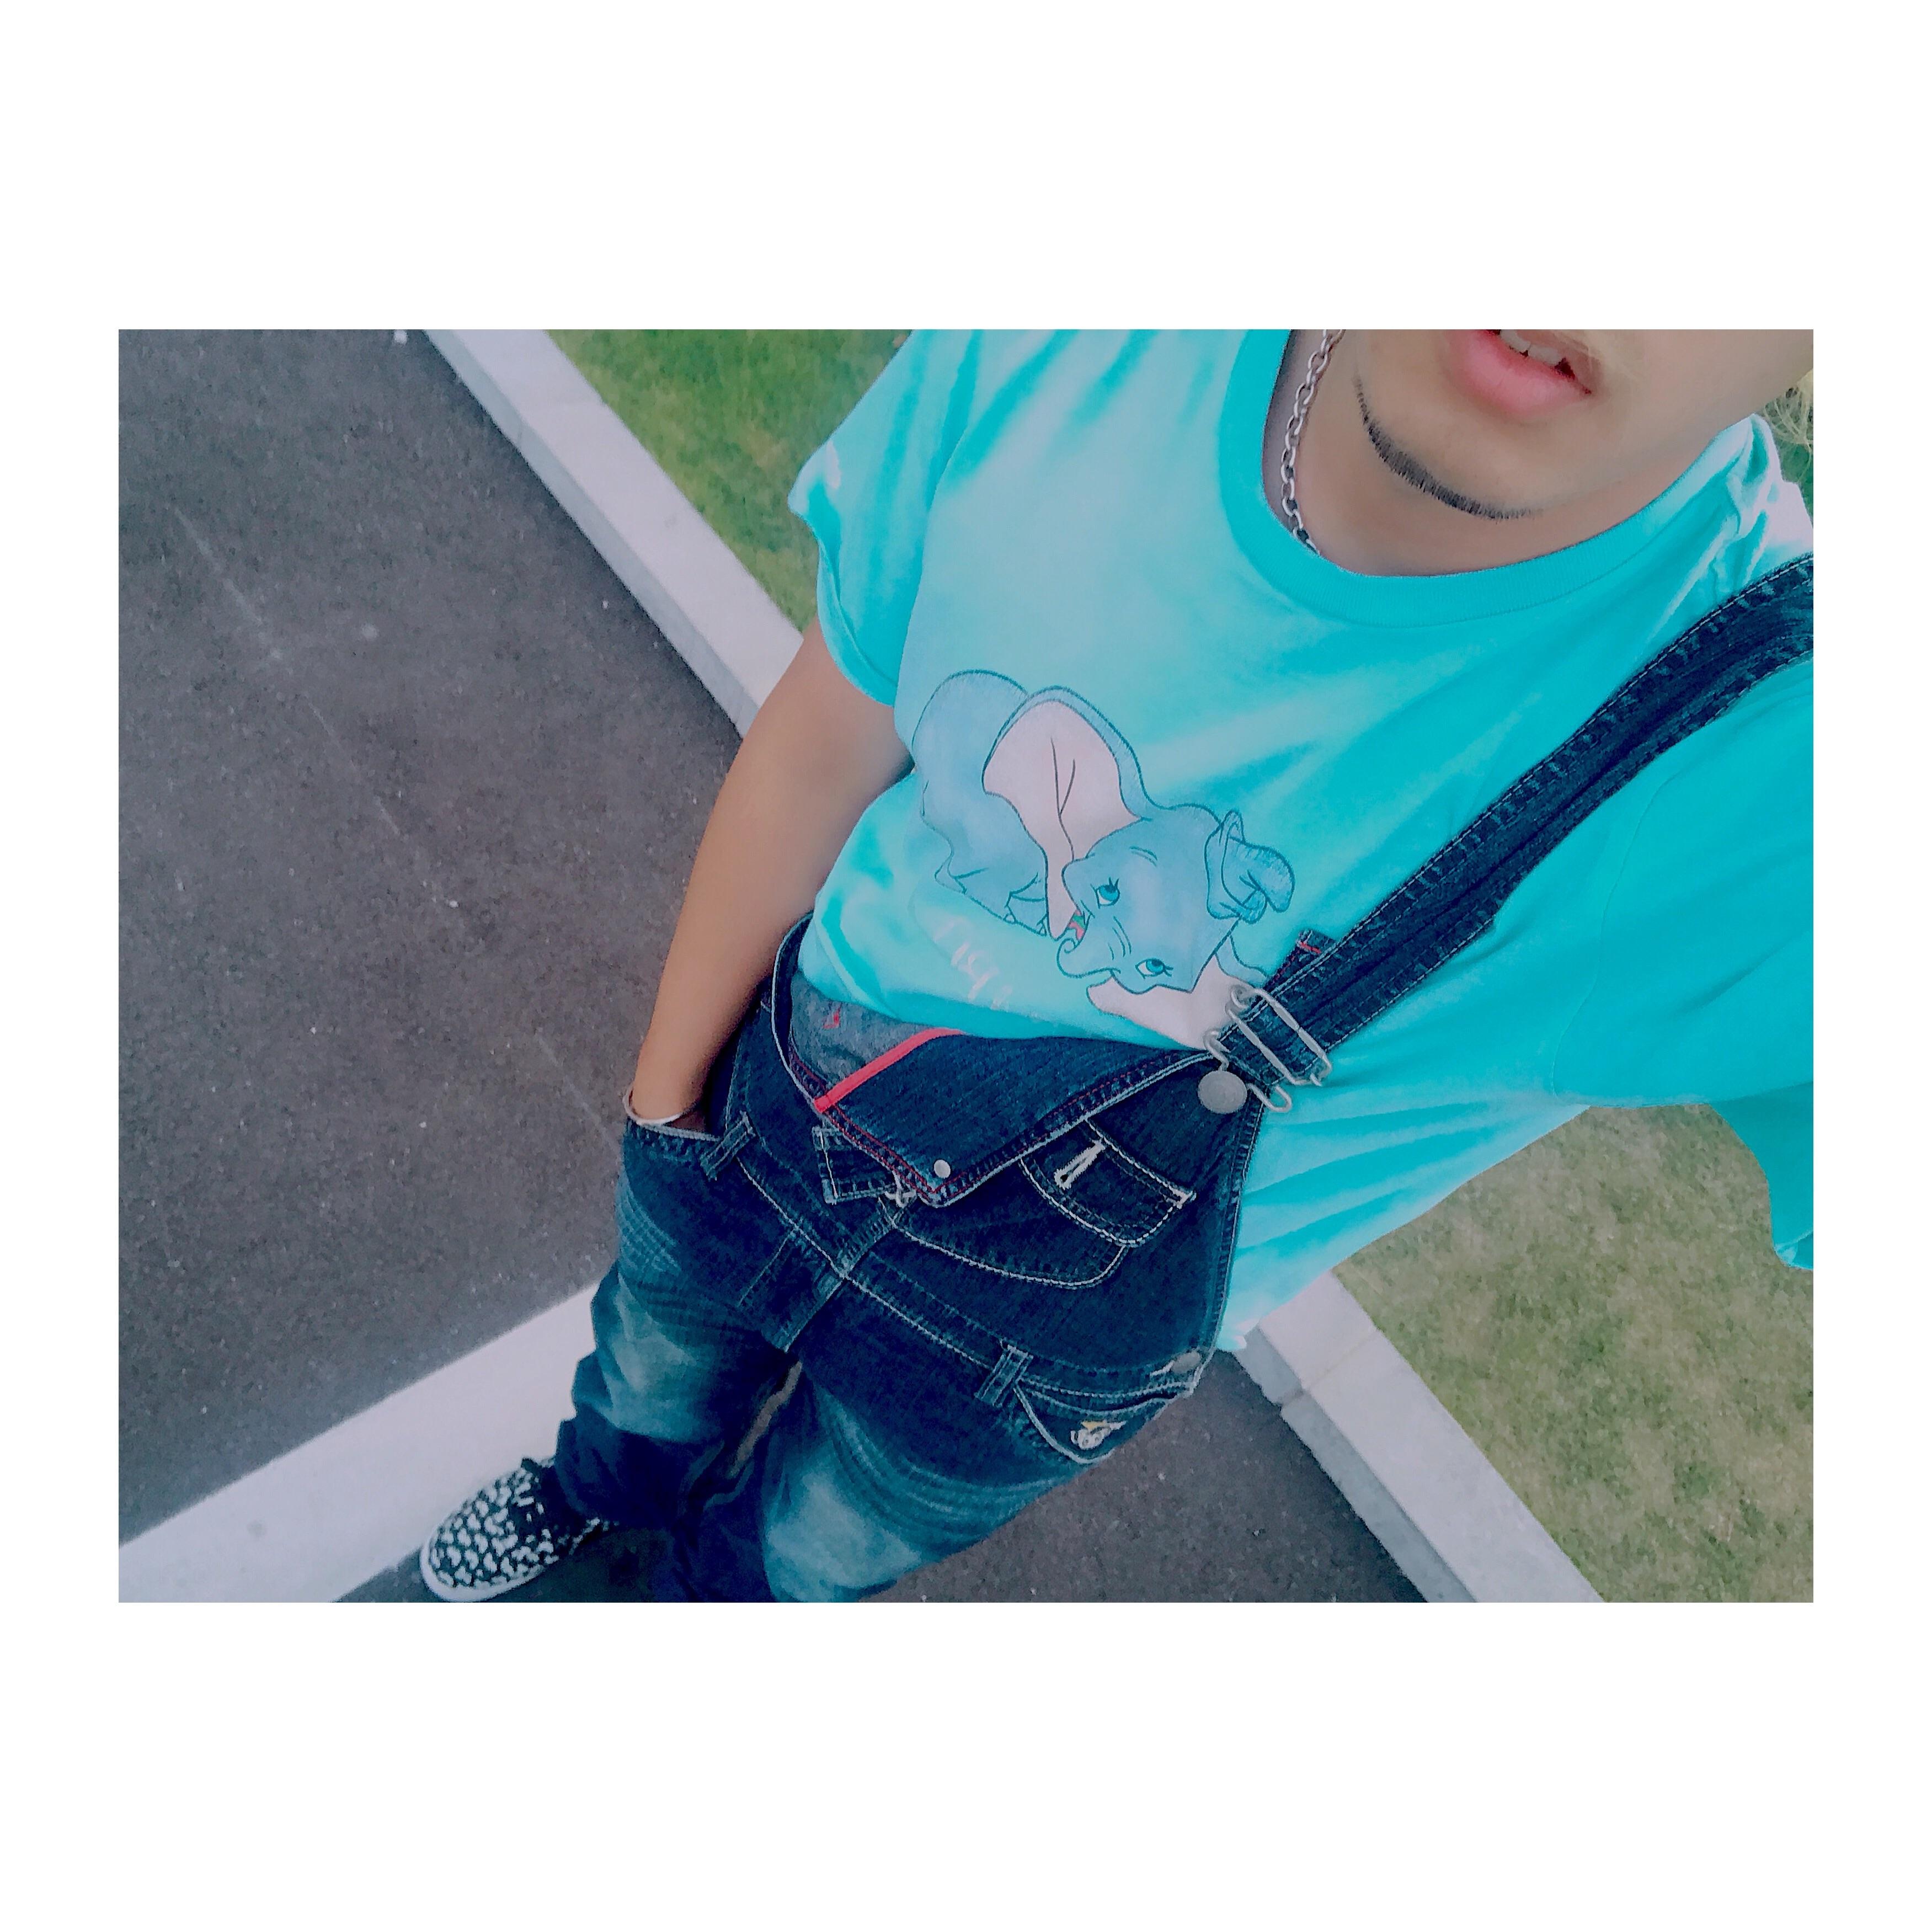 f:id:Yosuke0912:20180615190055j:image